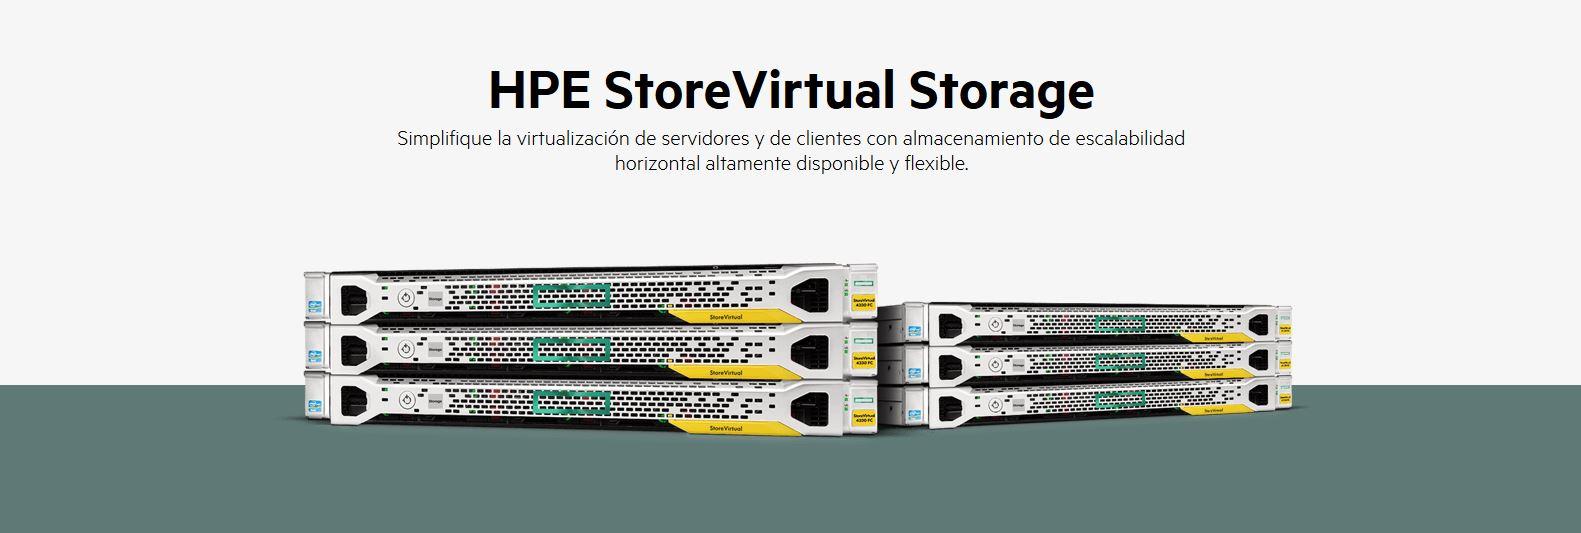 storagevirtual